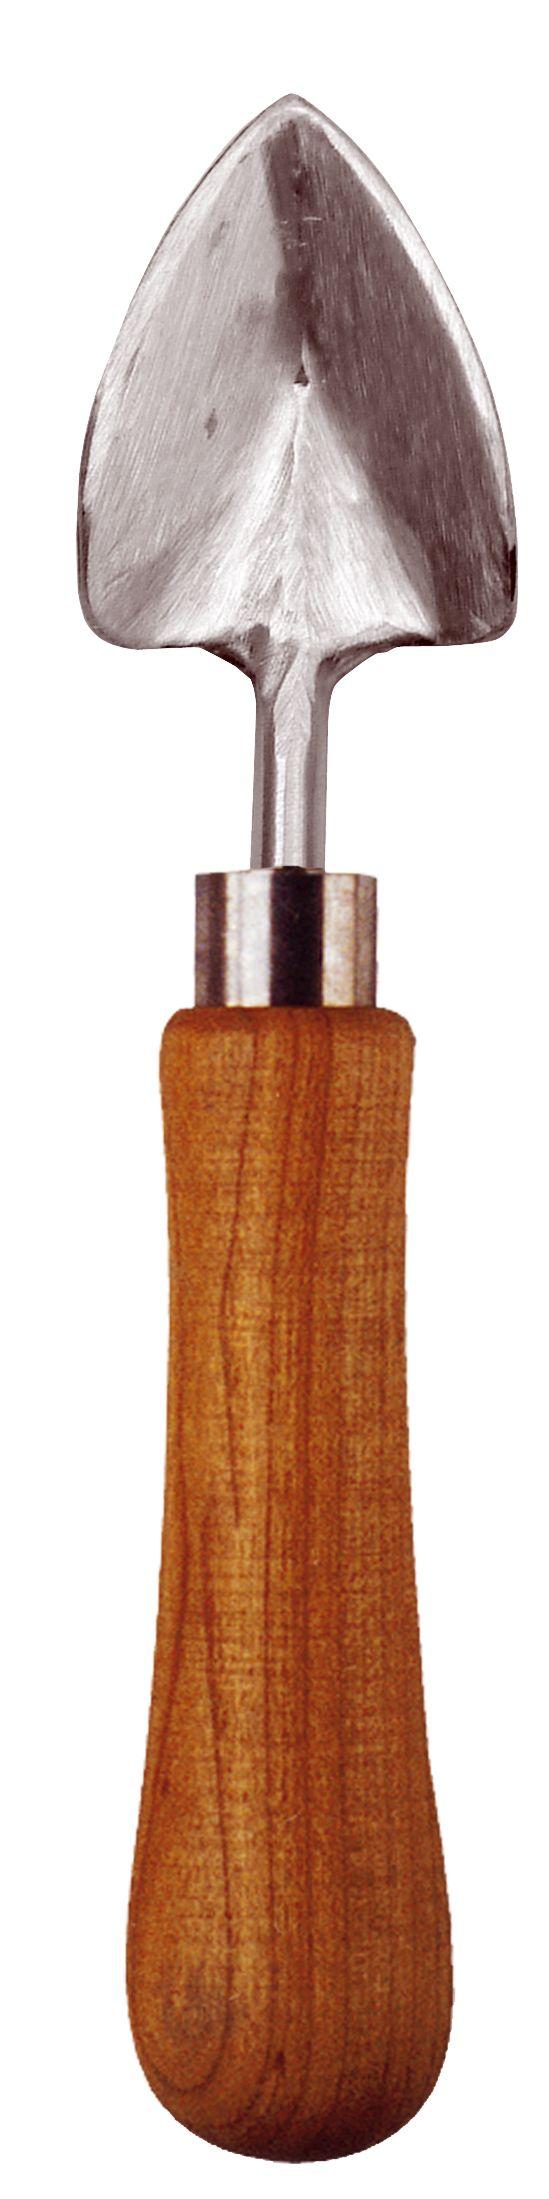 Een kleinere versie van het verplantschopje dat speciaal ontwikkeld is vvoor gebruik in kassen, balkontuinieren, kweekbakken etc. Dus uitermate geschikt voor het voor het kleine handzame werk!